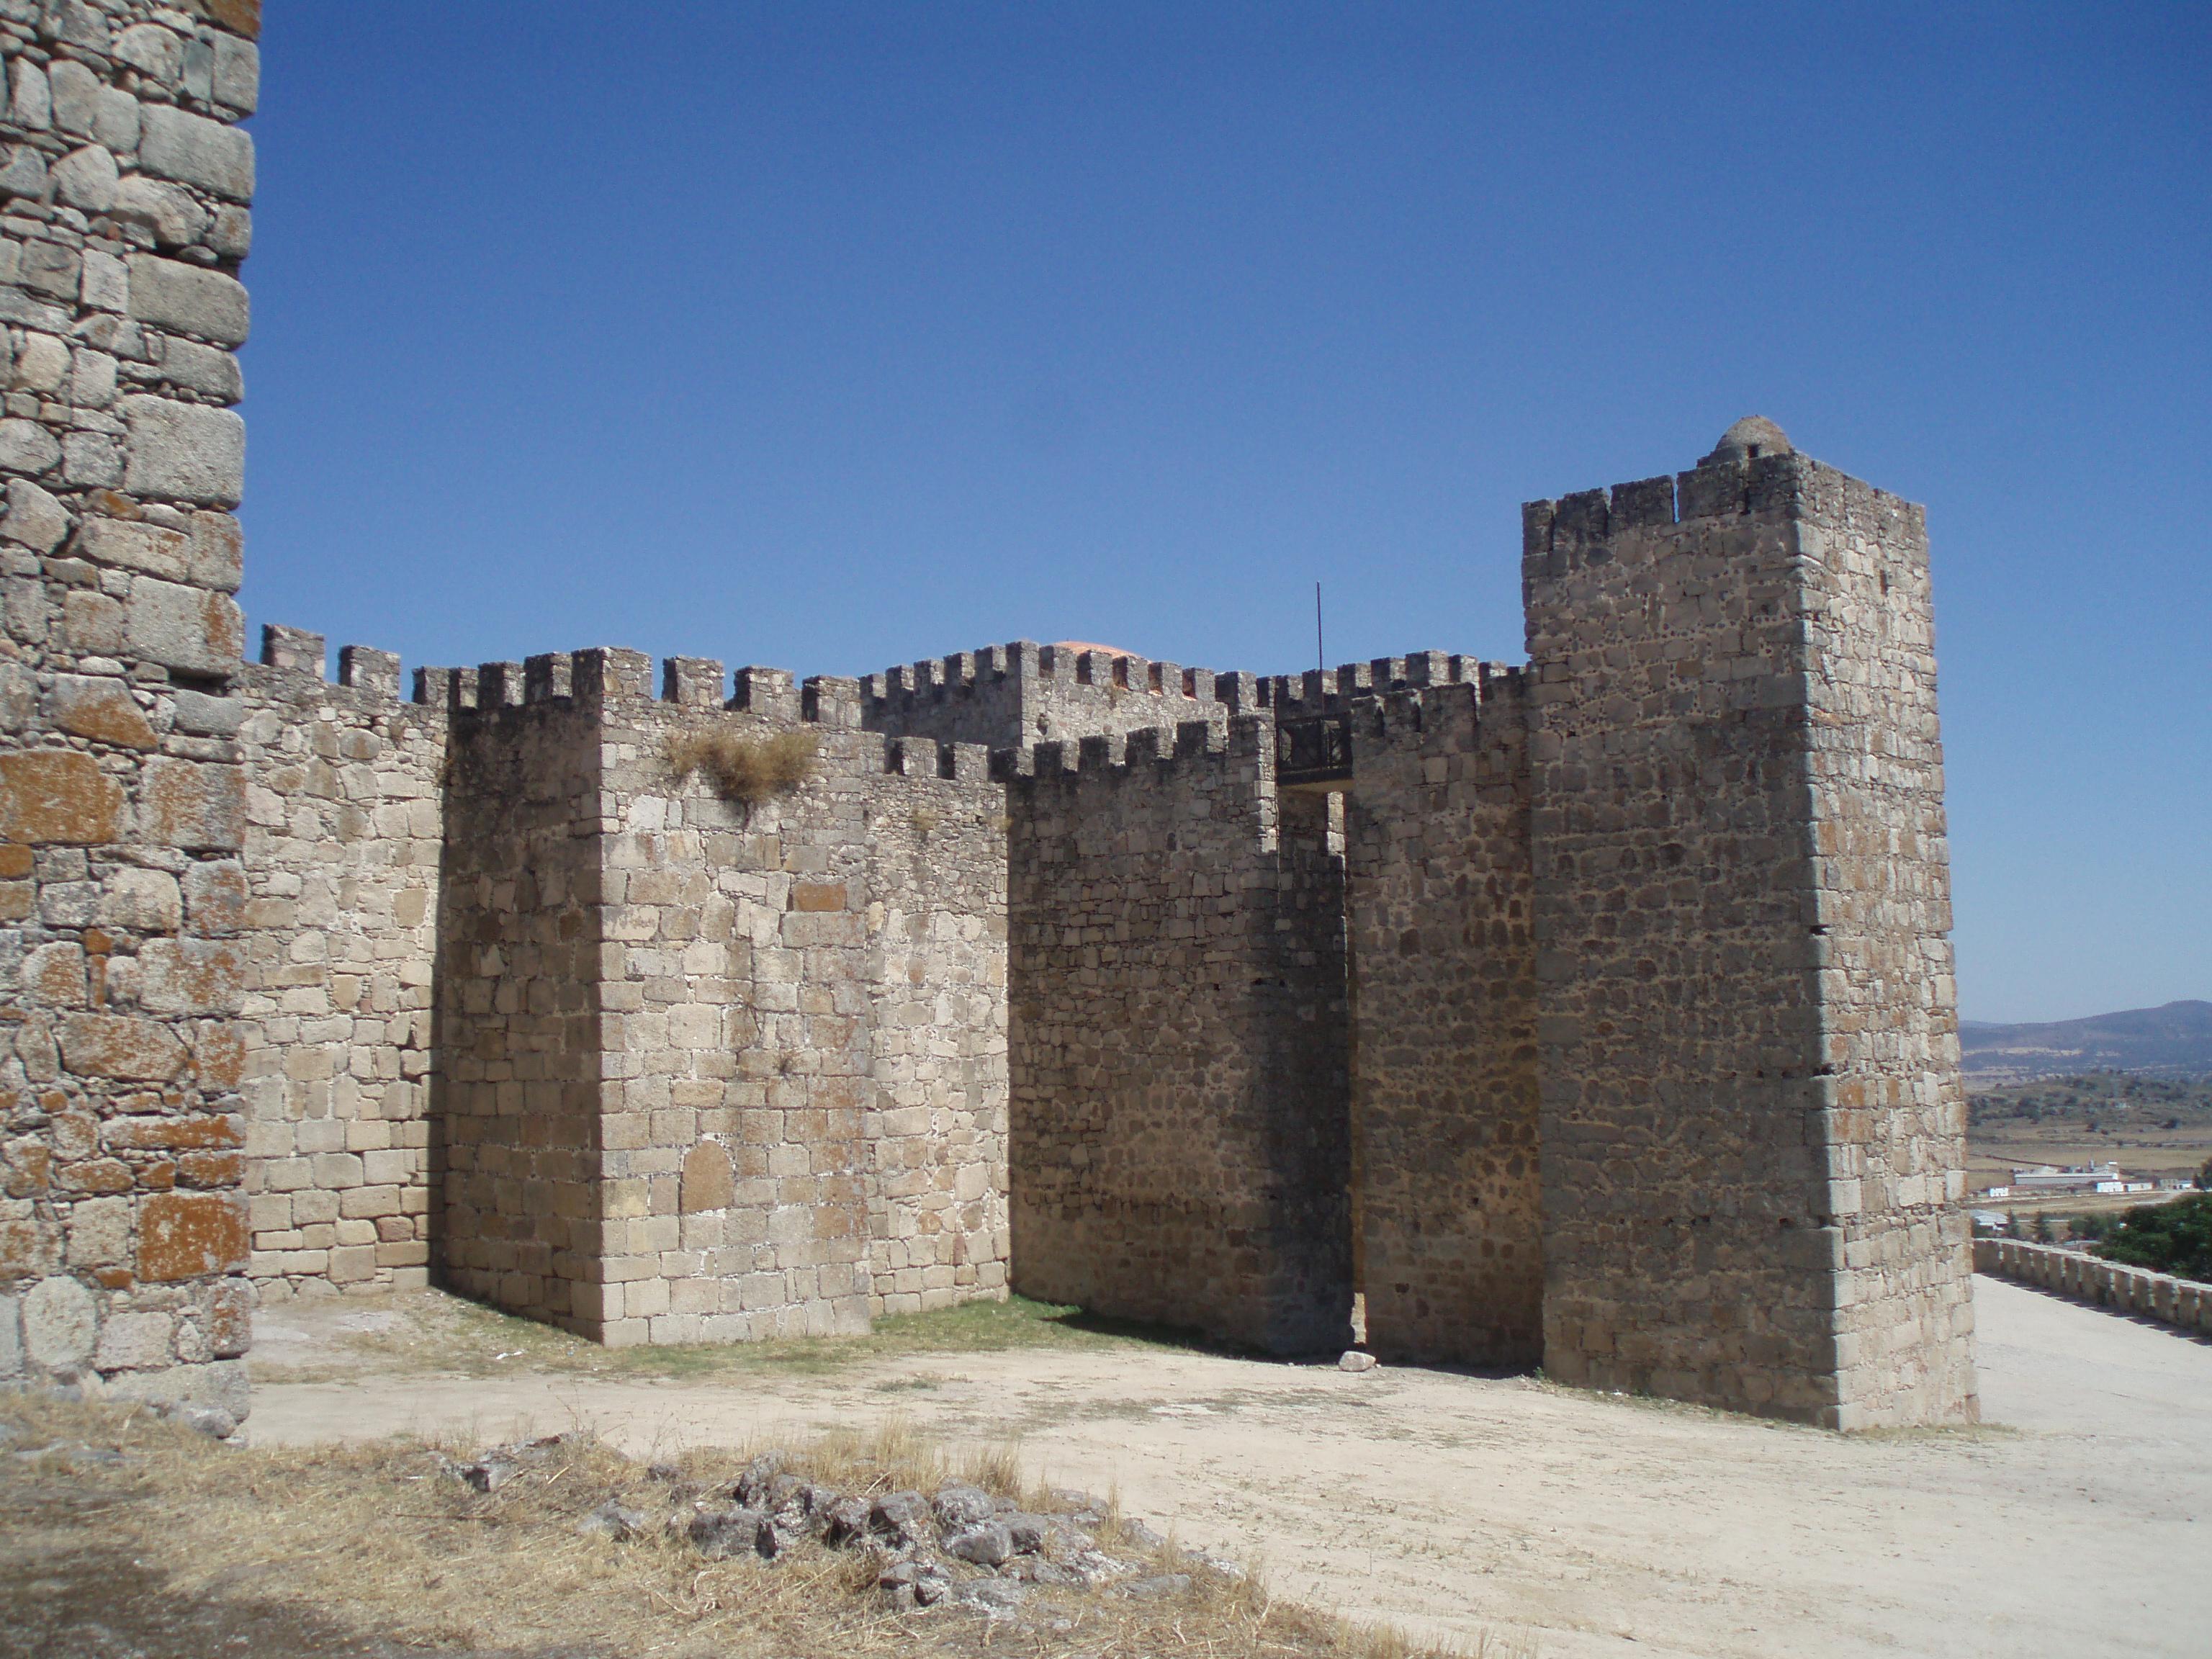 File:Torres y murallas del castillo de Trujillo. (Cáceres).JPG - Wikimedia Co...